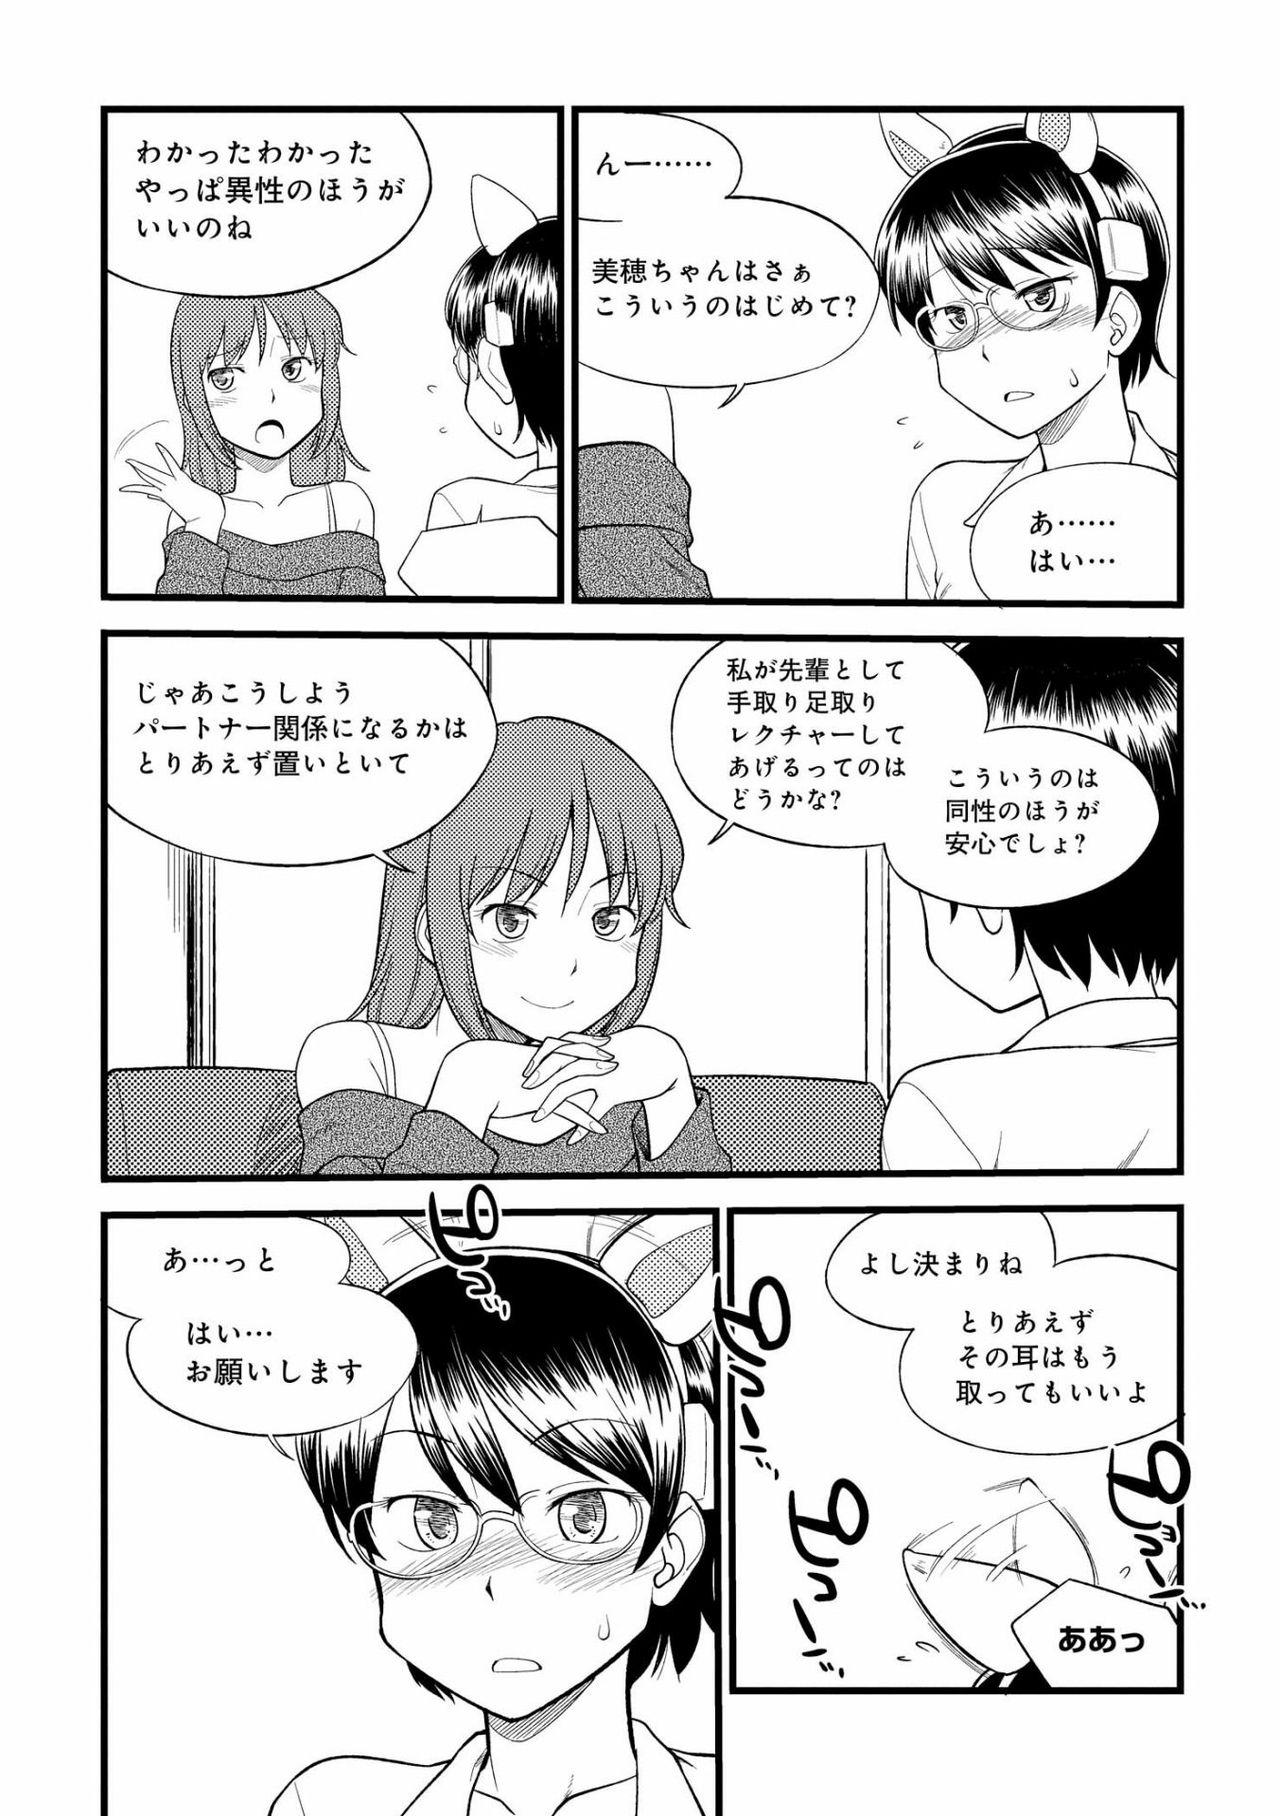 [Mitsuba] Karada mo Kokoro mo Boku no Mono ~Hajimete no SM Guide~ 2 [Digital] 11